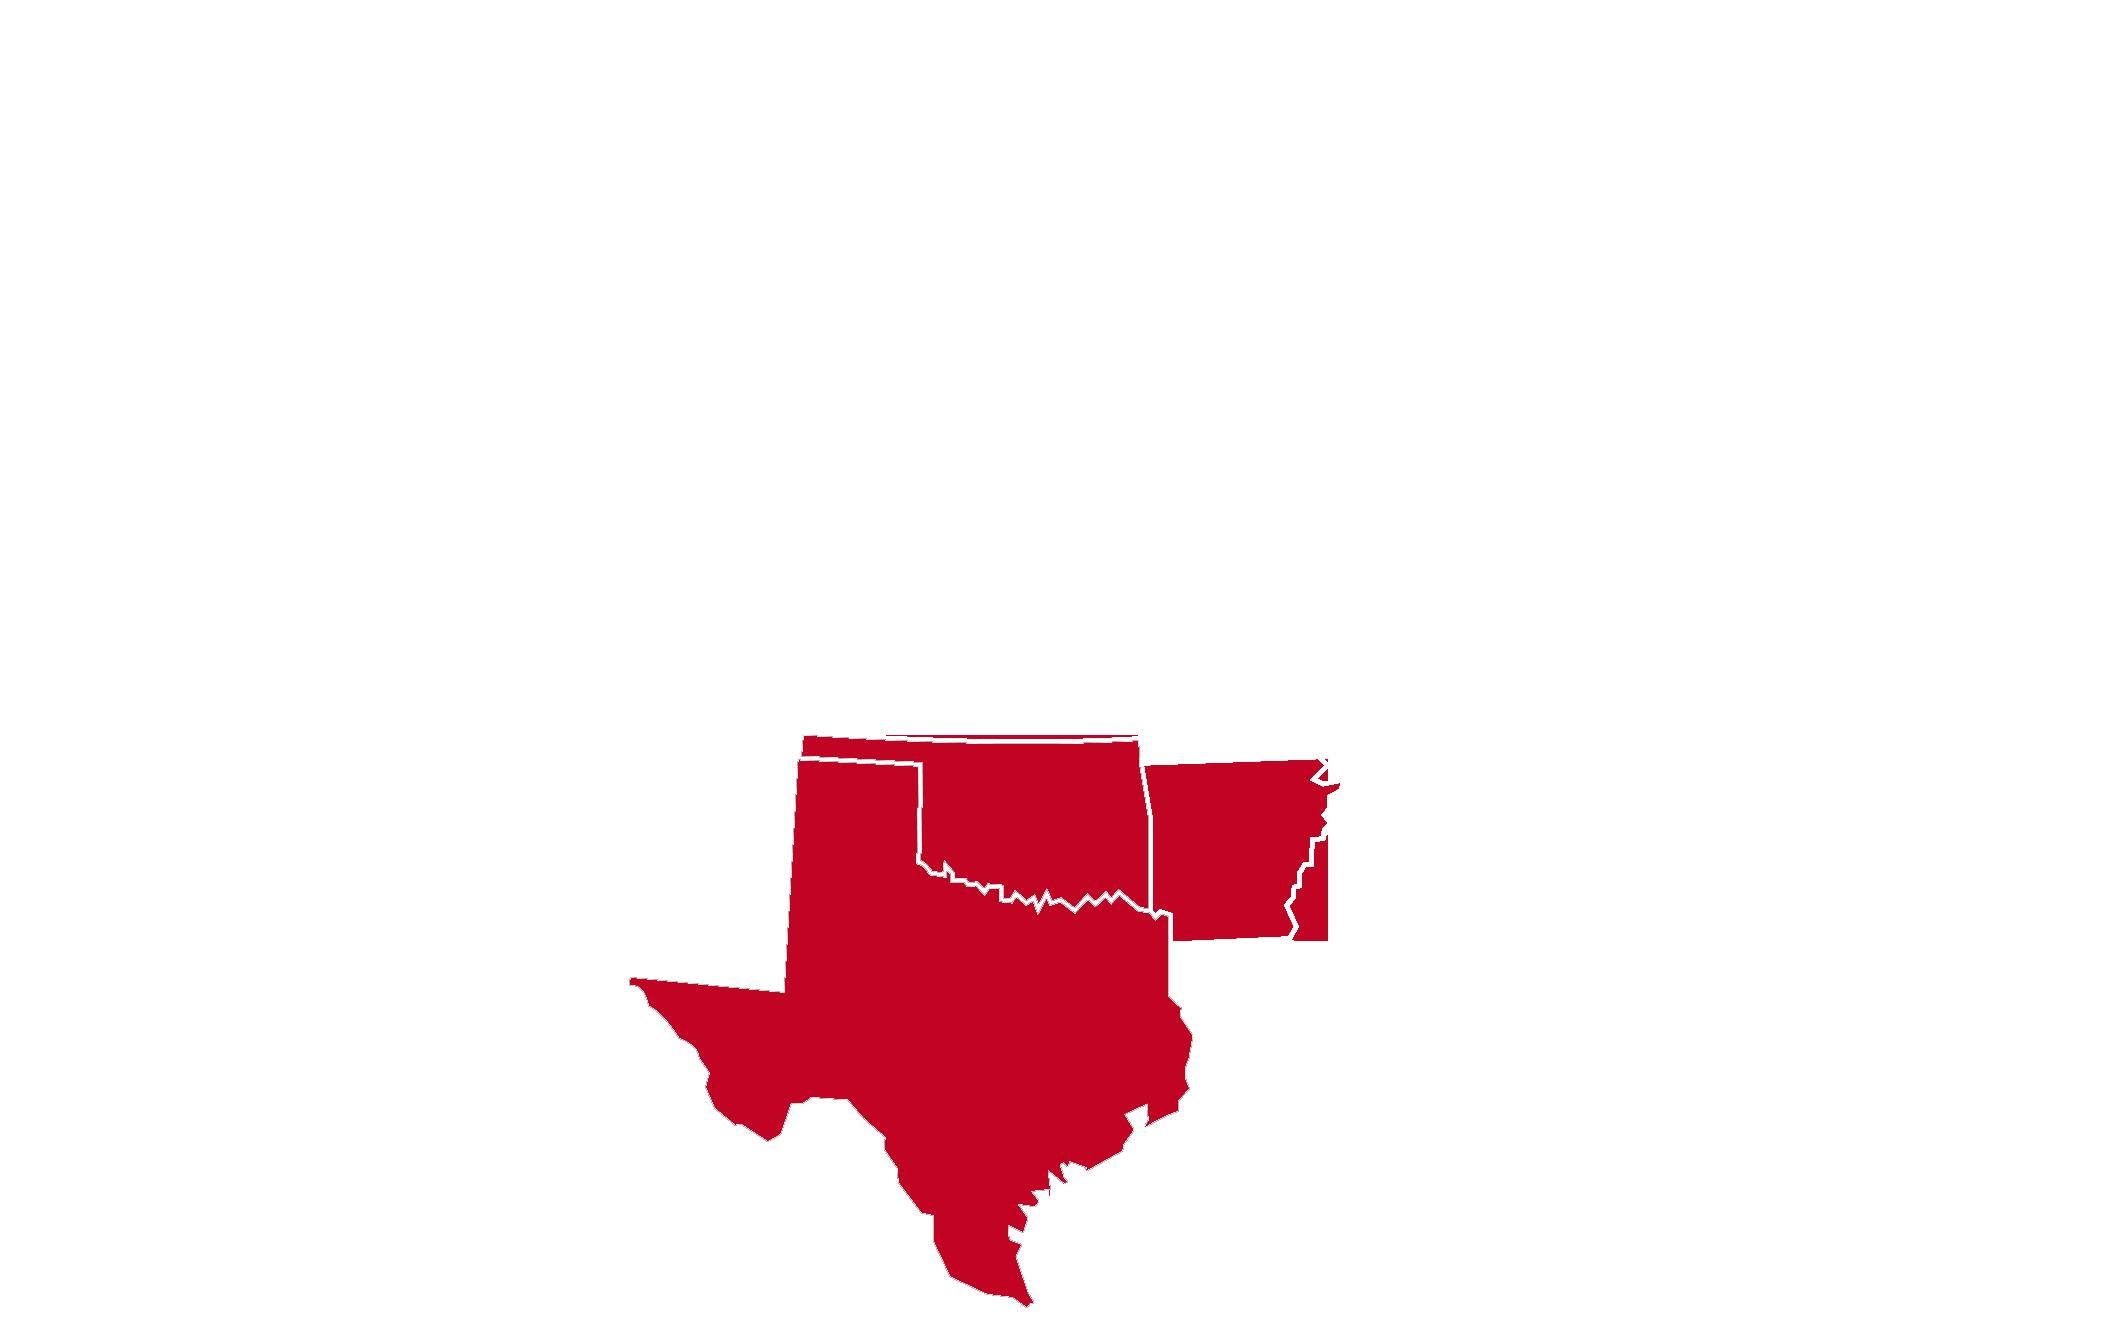 MEI Map 2